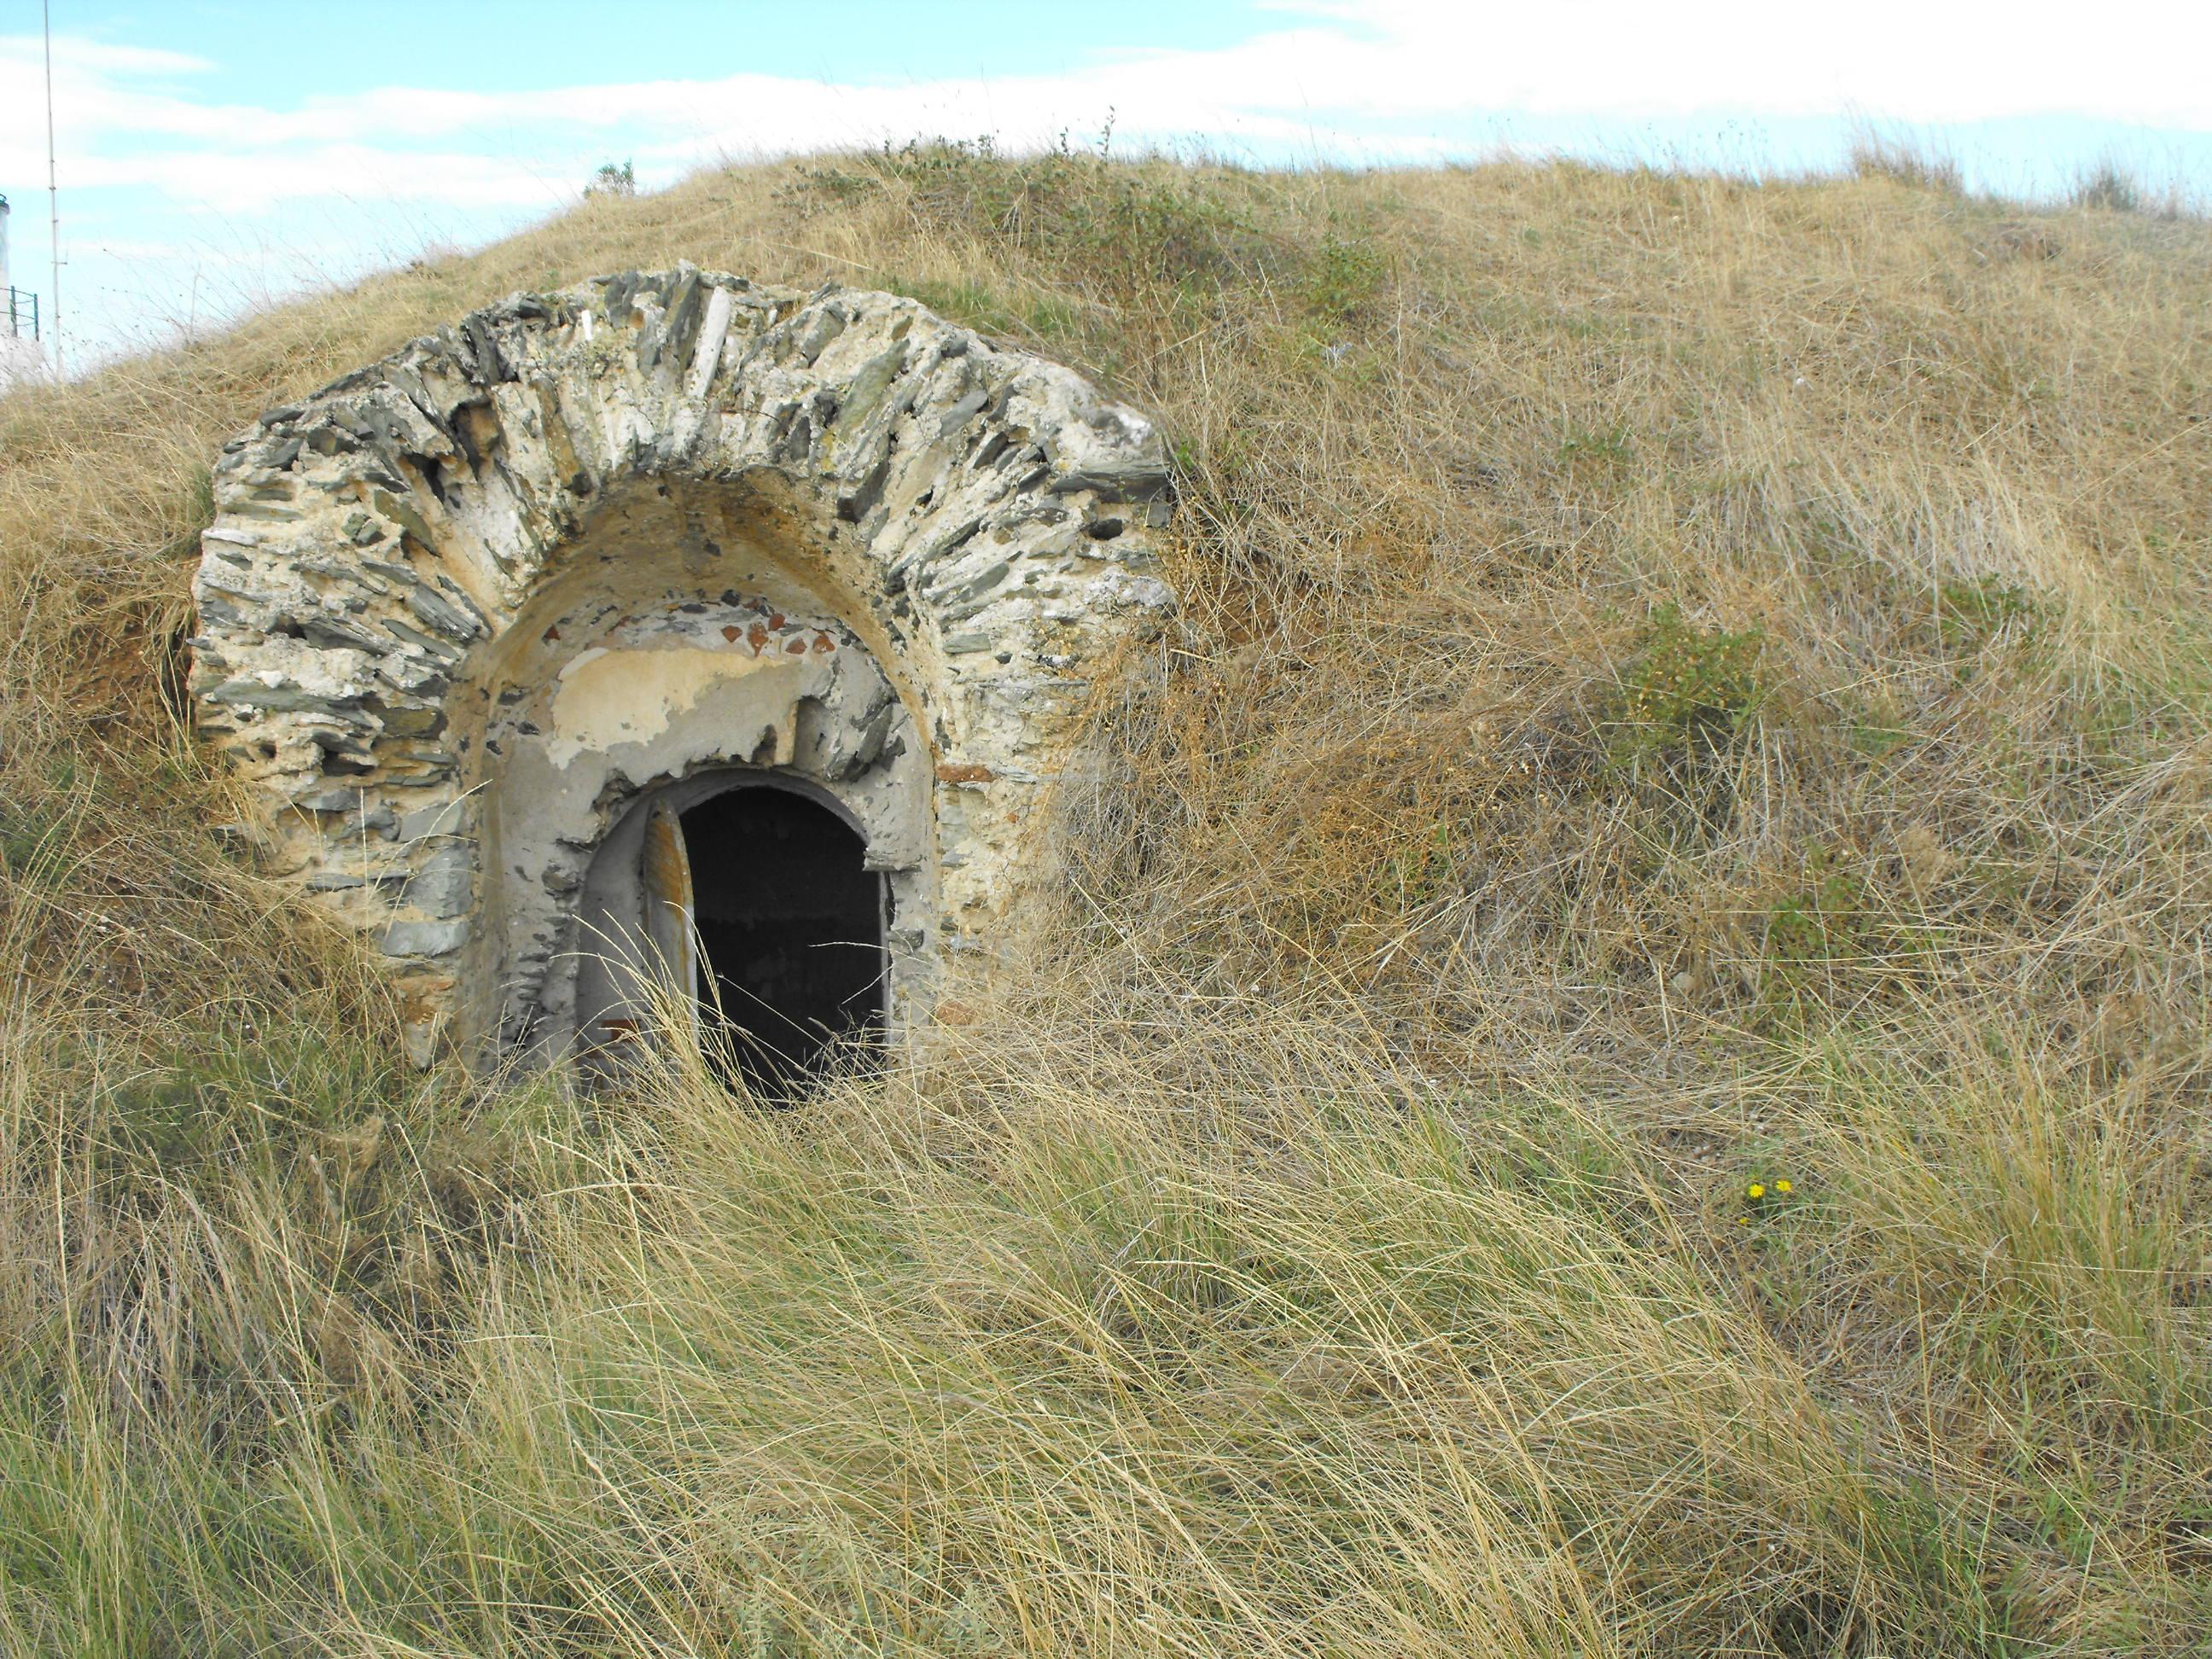 ΚΑΡΑΜΠΟΥΡΝΟΥ οχυρο 1880-πιθανη εξοδος προς θαλασσα 9